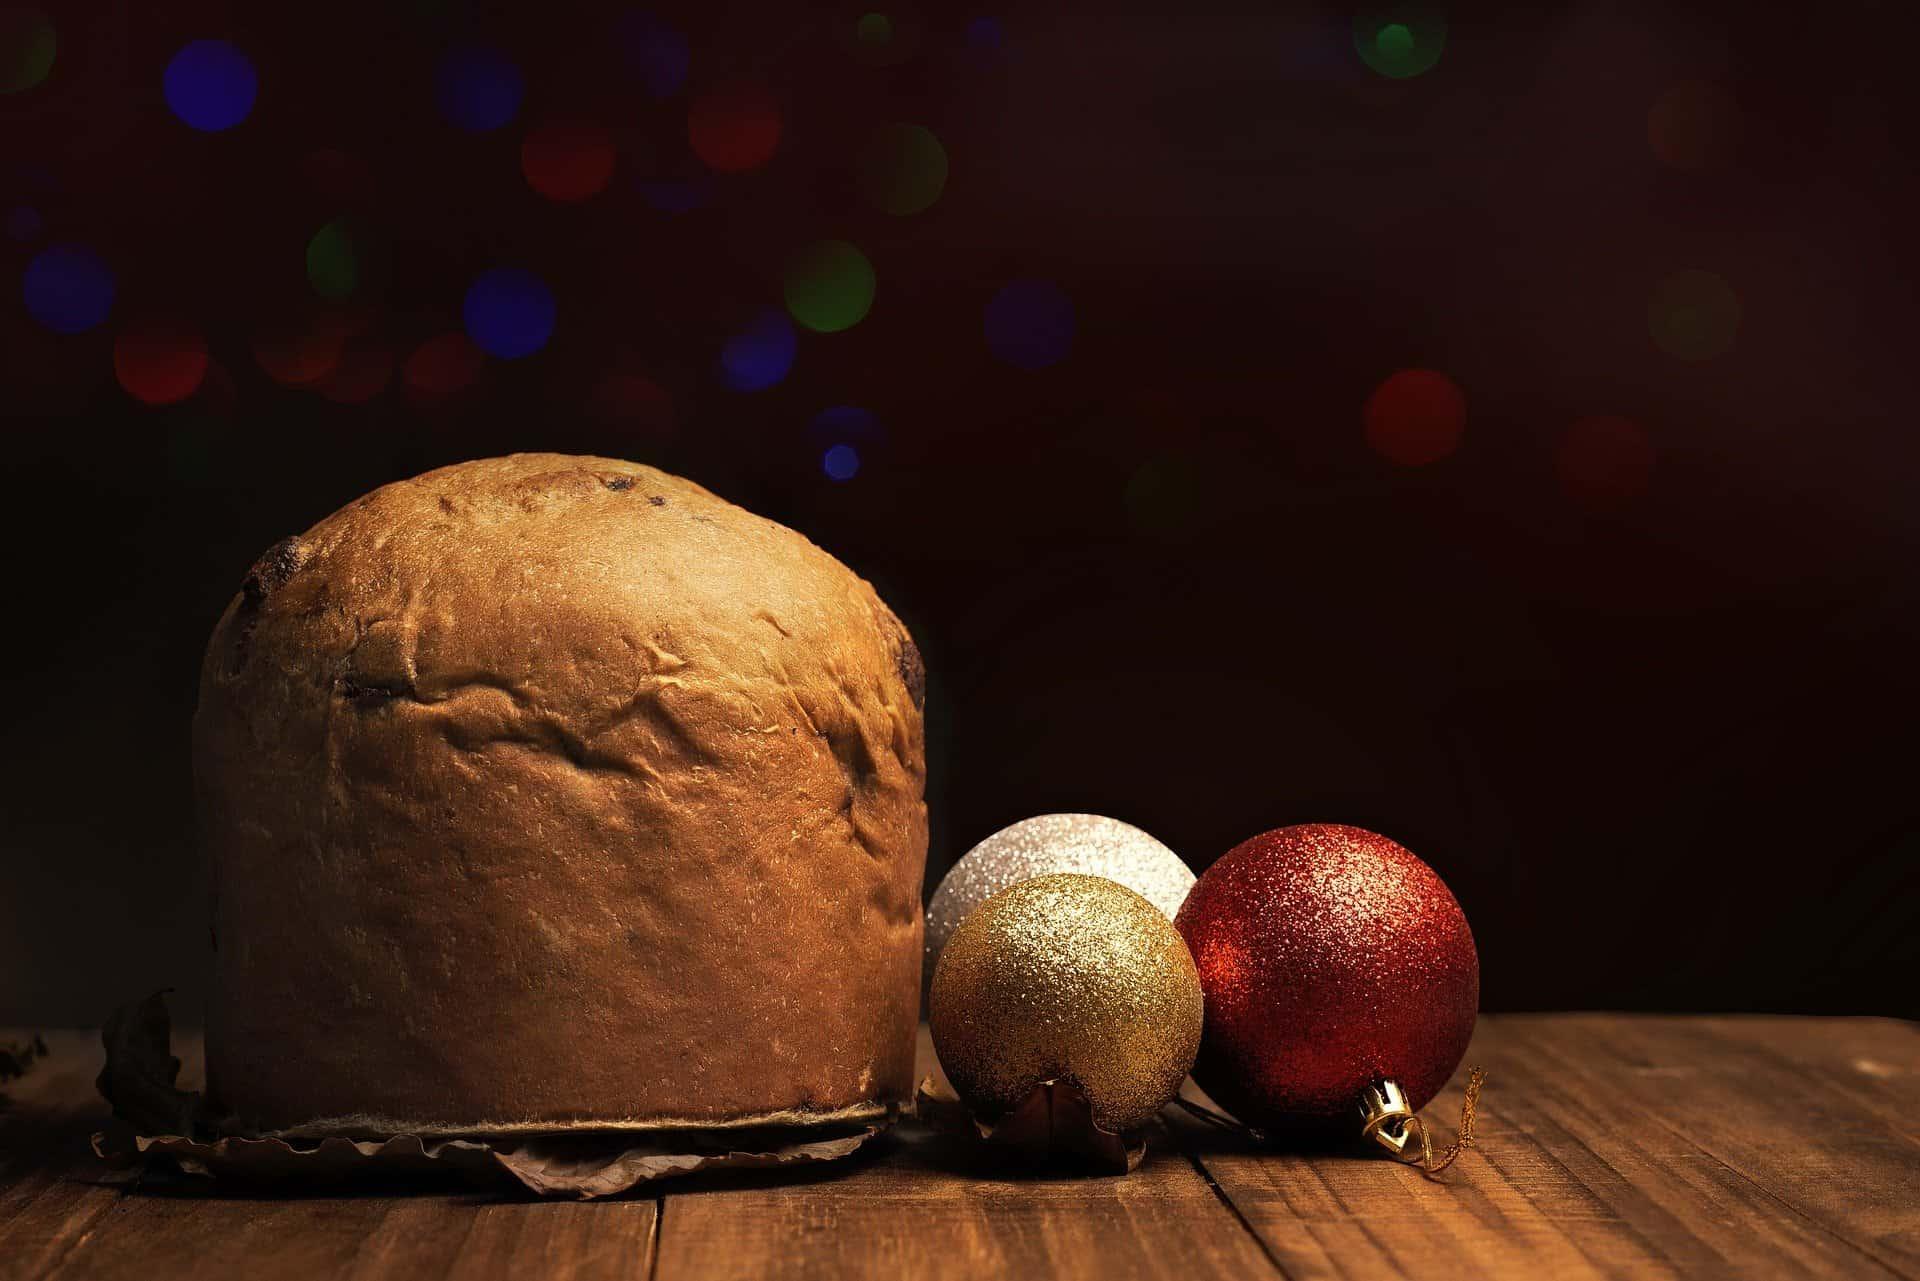 Panettone artigianale da comprare on line per Natale: 5 proposte